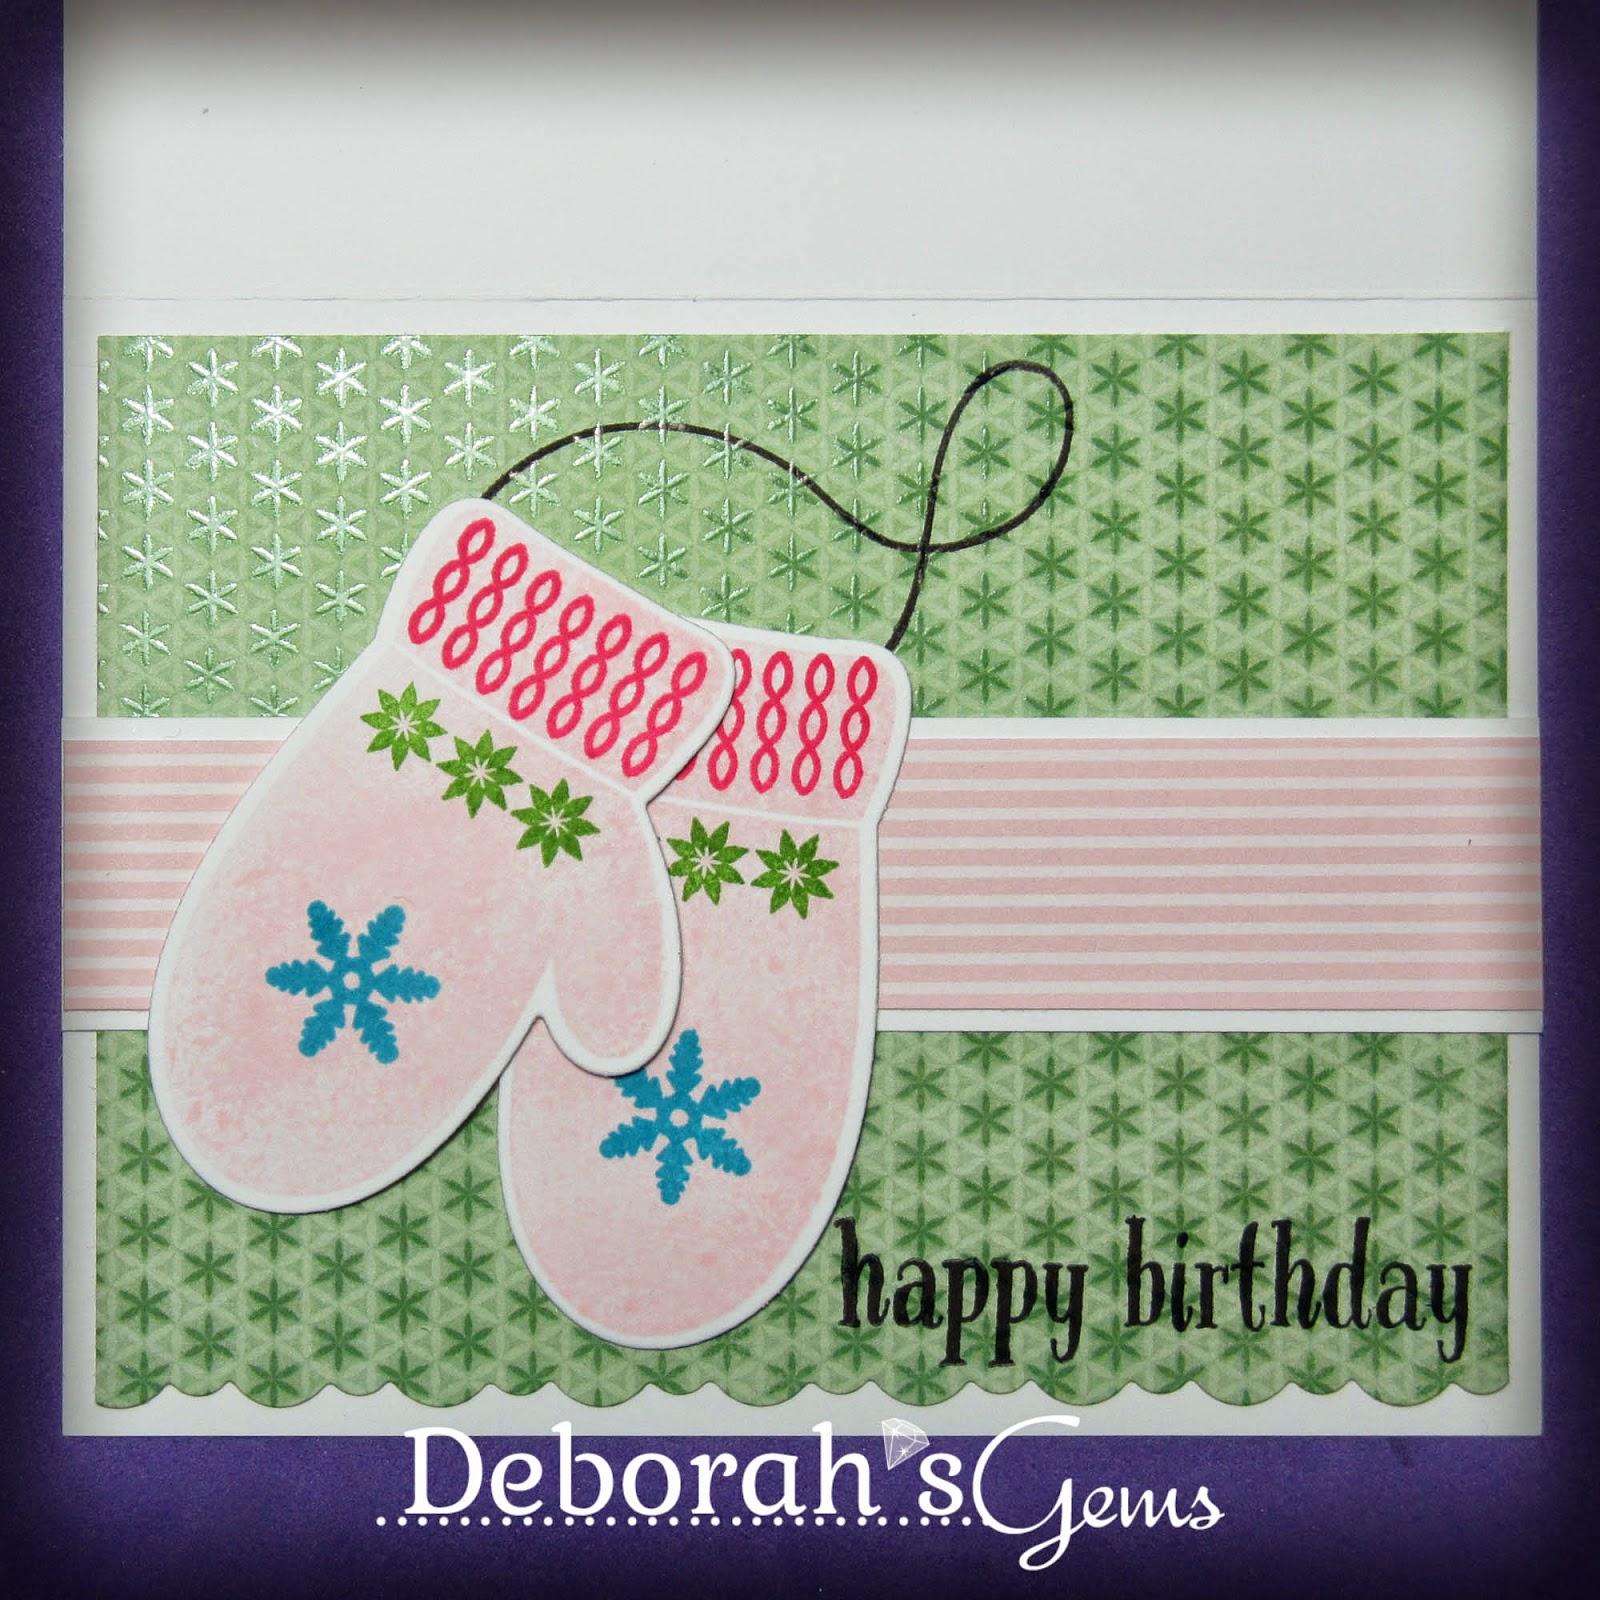 Winter Birthday Sq - photo by Deborah Frings - Deborah's Gems